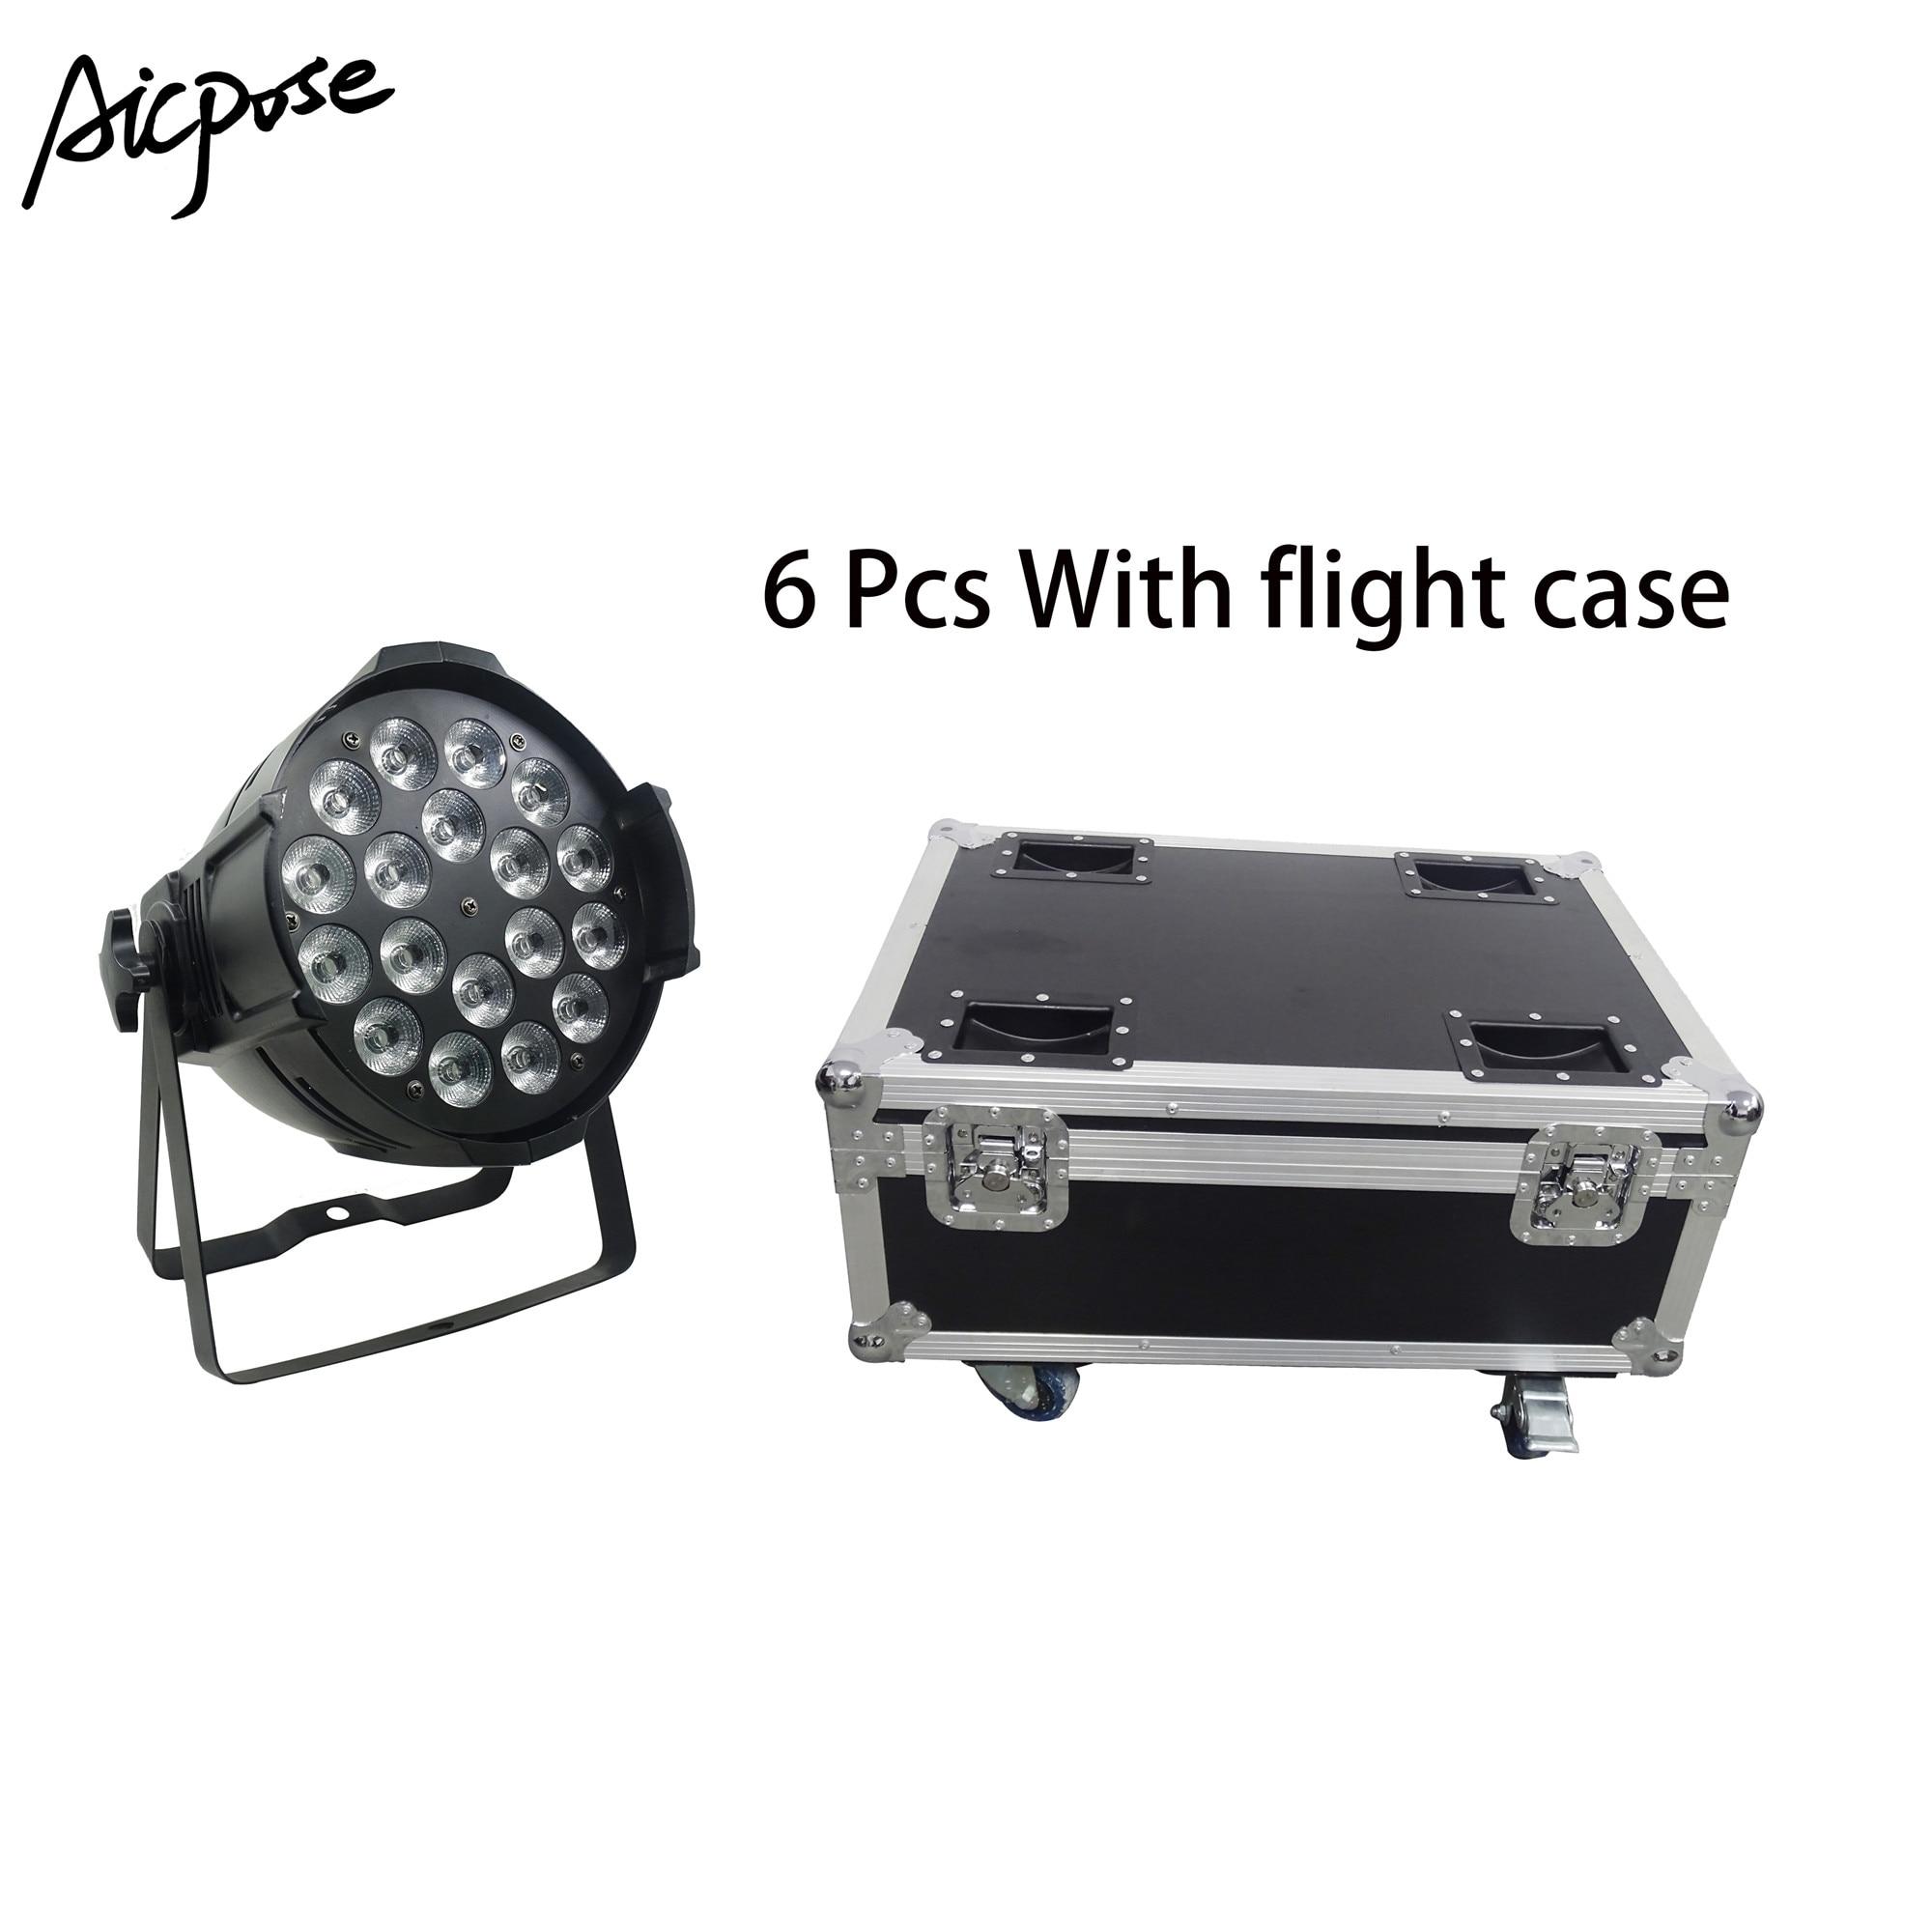 6pcs 18*12w Light Aluminum LED Par 18x12W RGBW 4in1 LED Par Can Par 64 Led Spotlight Dj Projector Stage Light With Flight Case